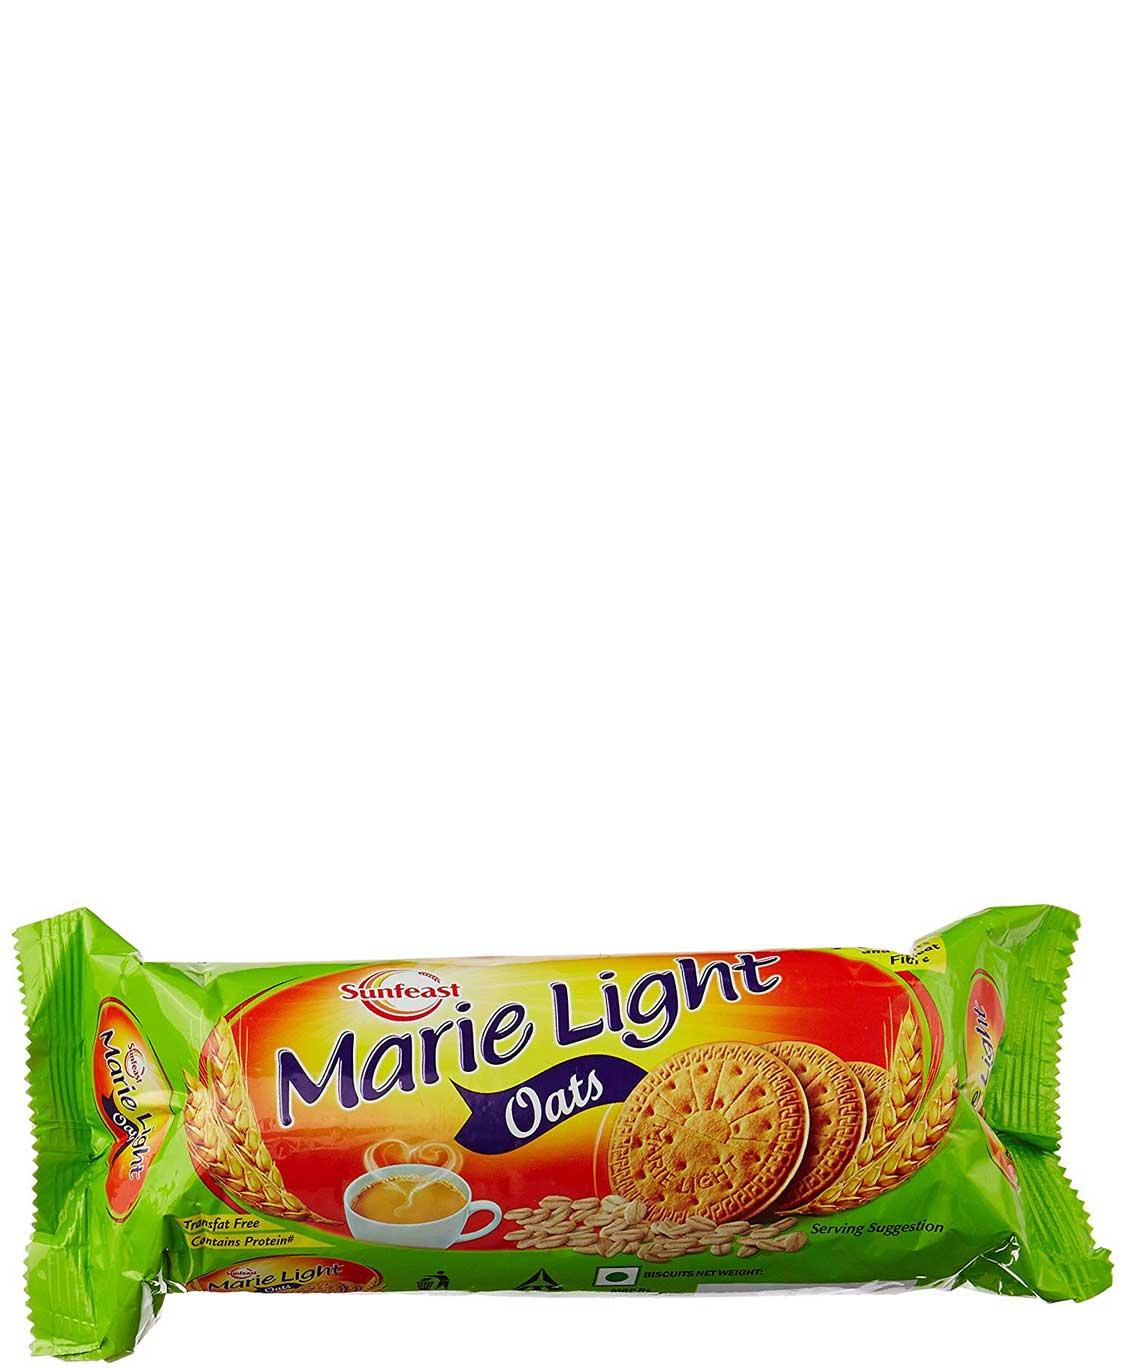 Sunfeast Marie Light Oats 120 g